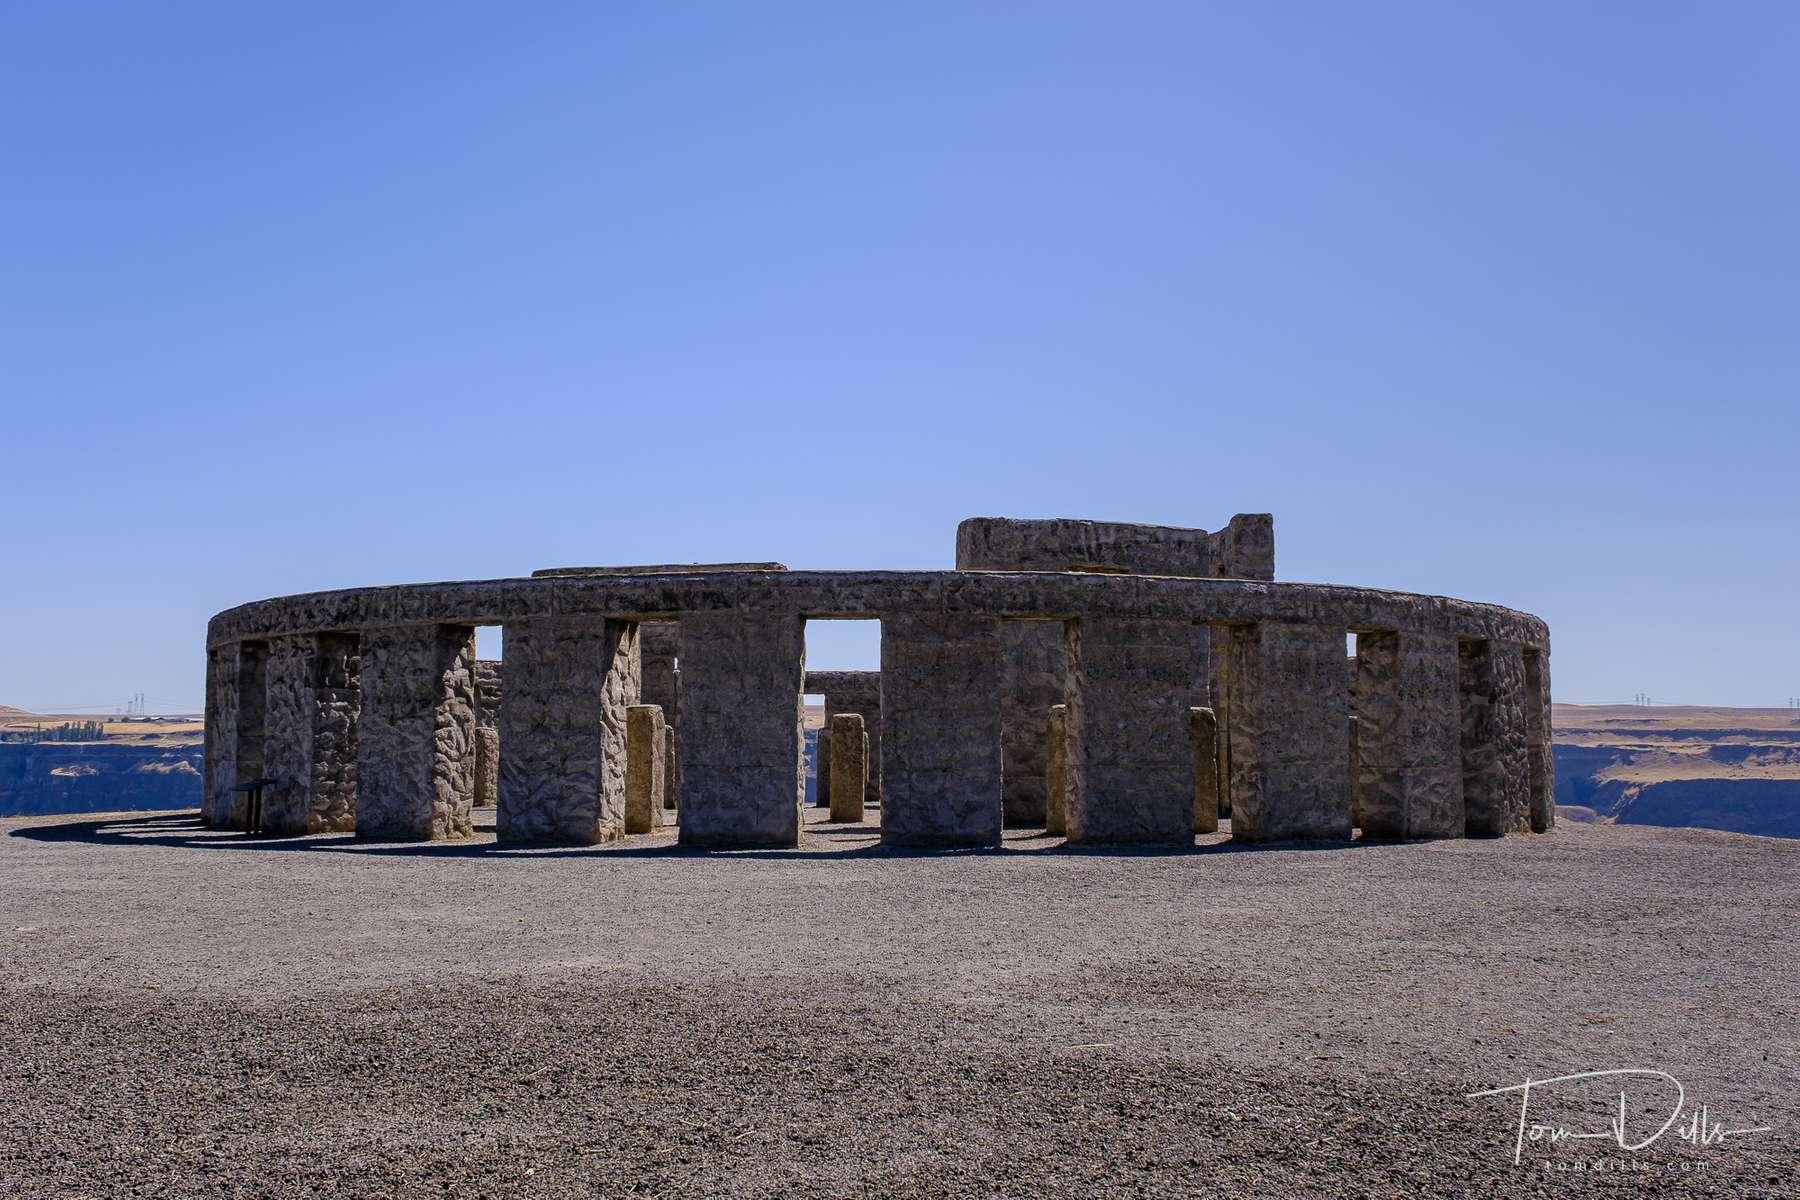 Stonehenge replica serving as a war memorial along SR-14 near Maryhill, Washington